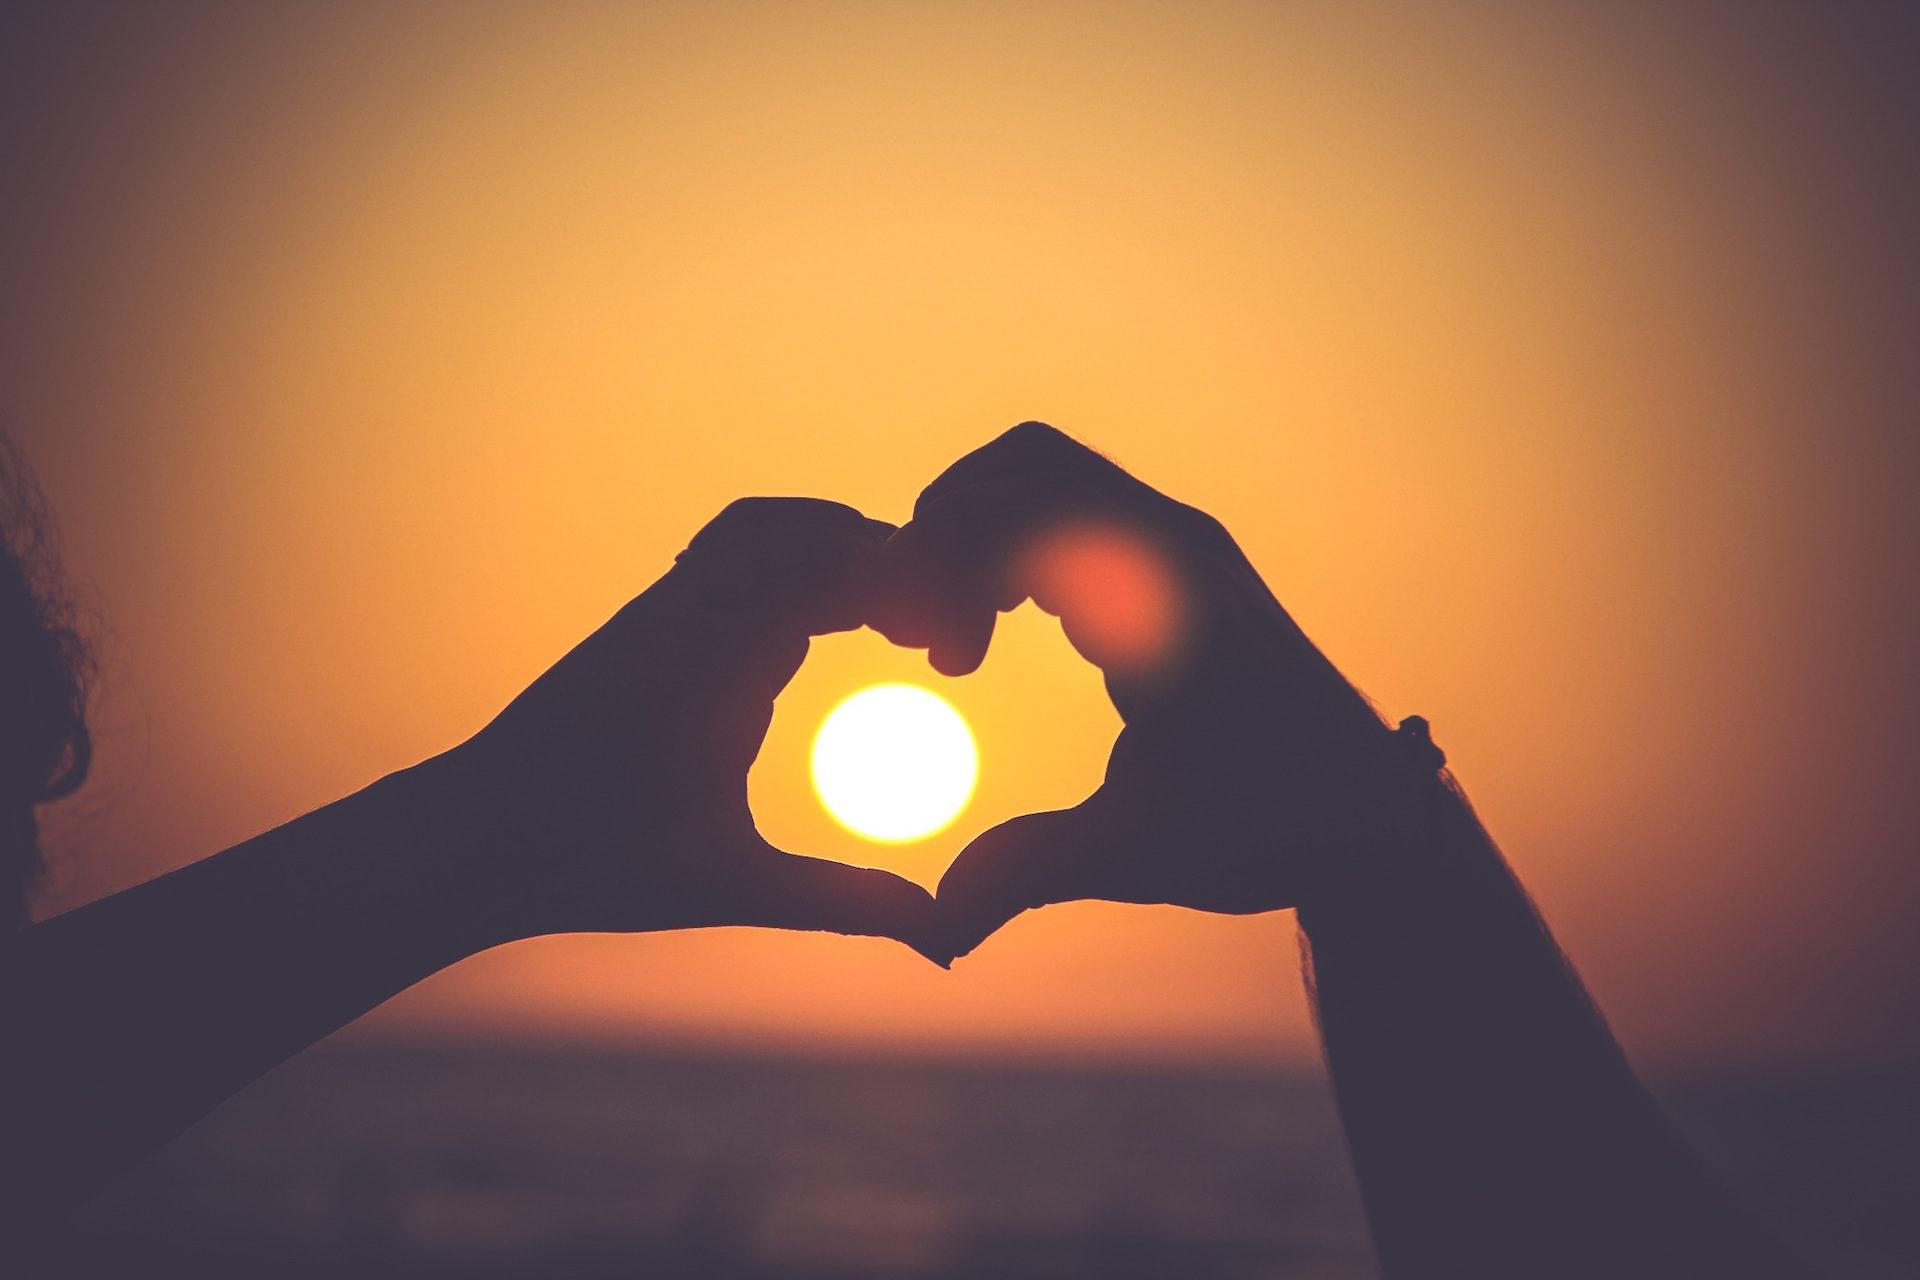 τα χέρια, Μορφές, καρδιά, Κυρ, Ηλιοβασίλεμα - Wallpapers HD - Professor-falken.com